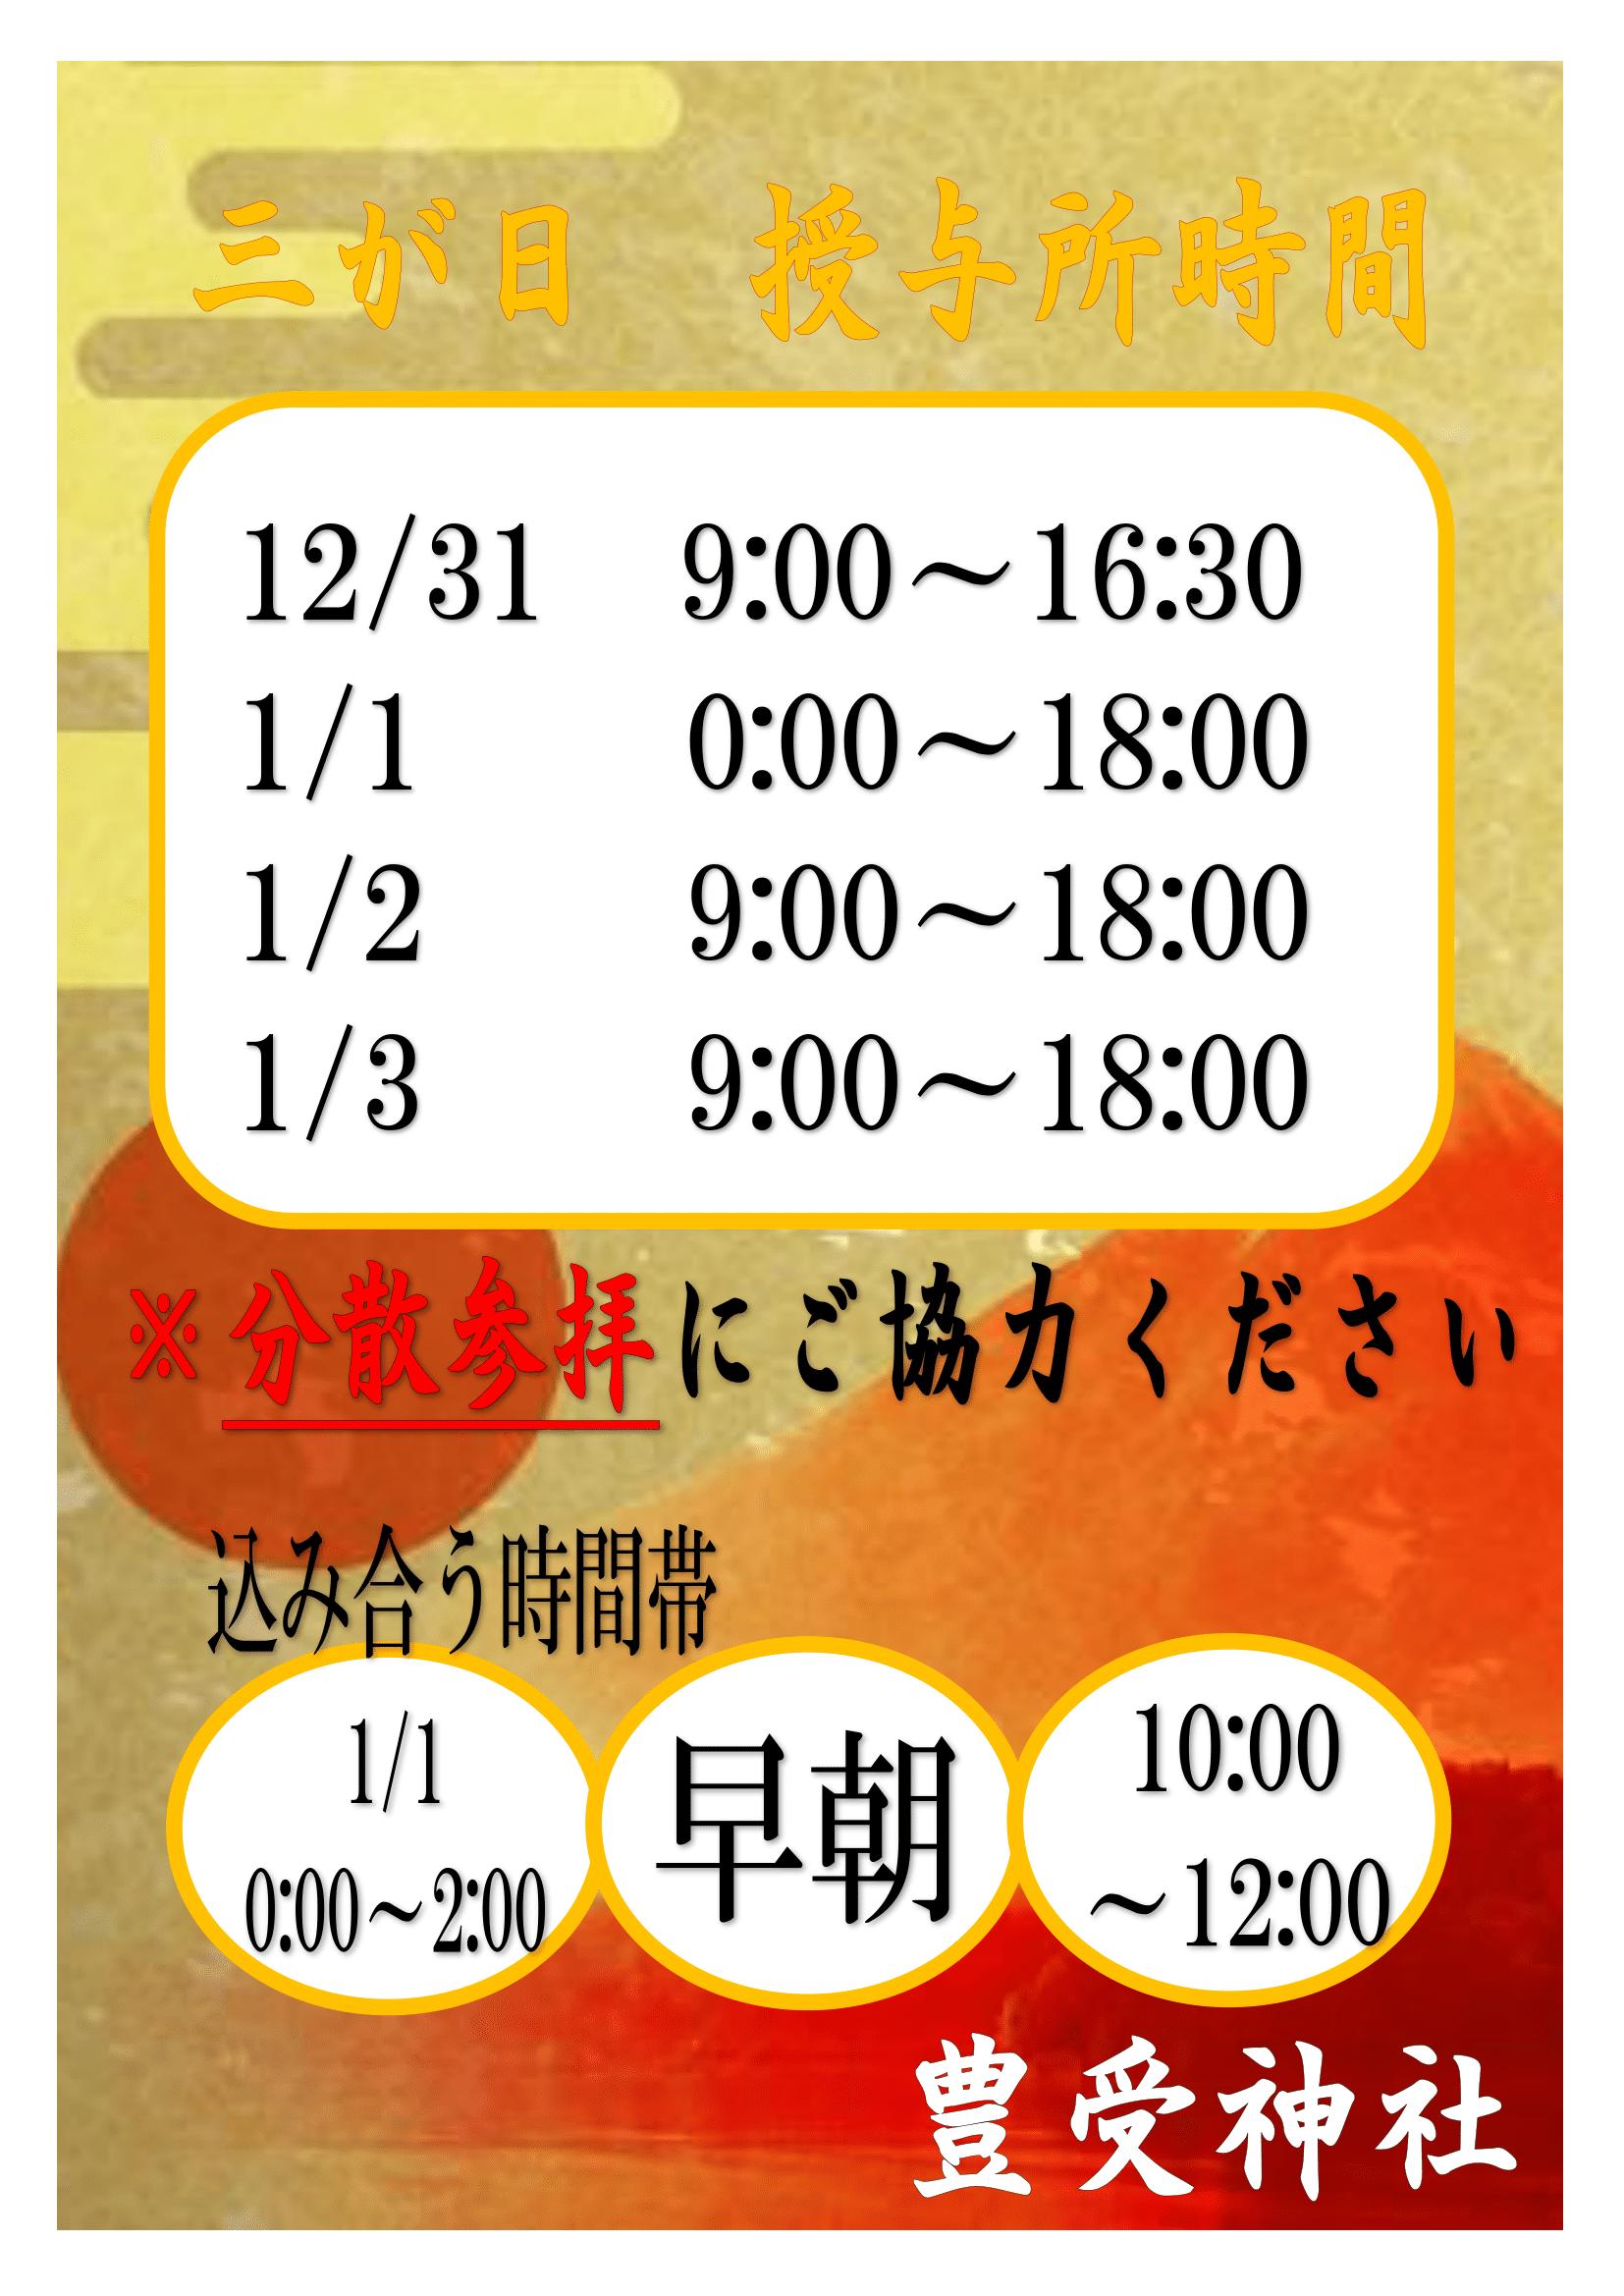 正月 授与所時間(張り紙)-1.png